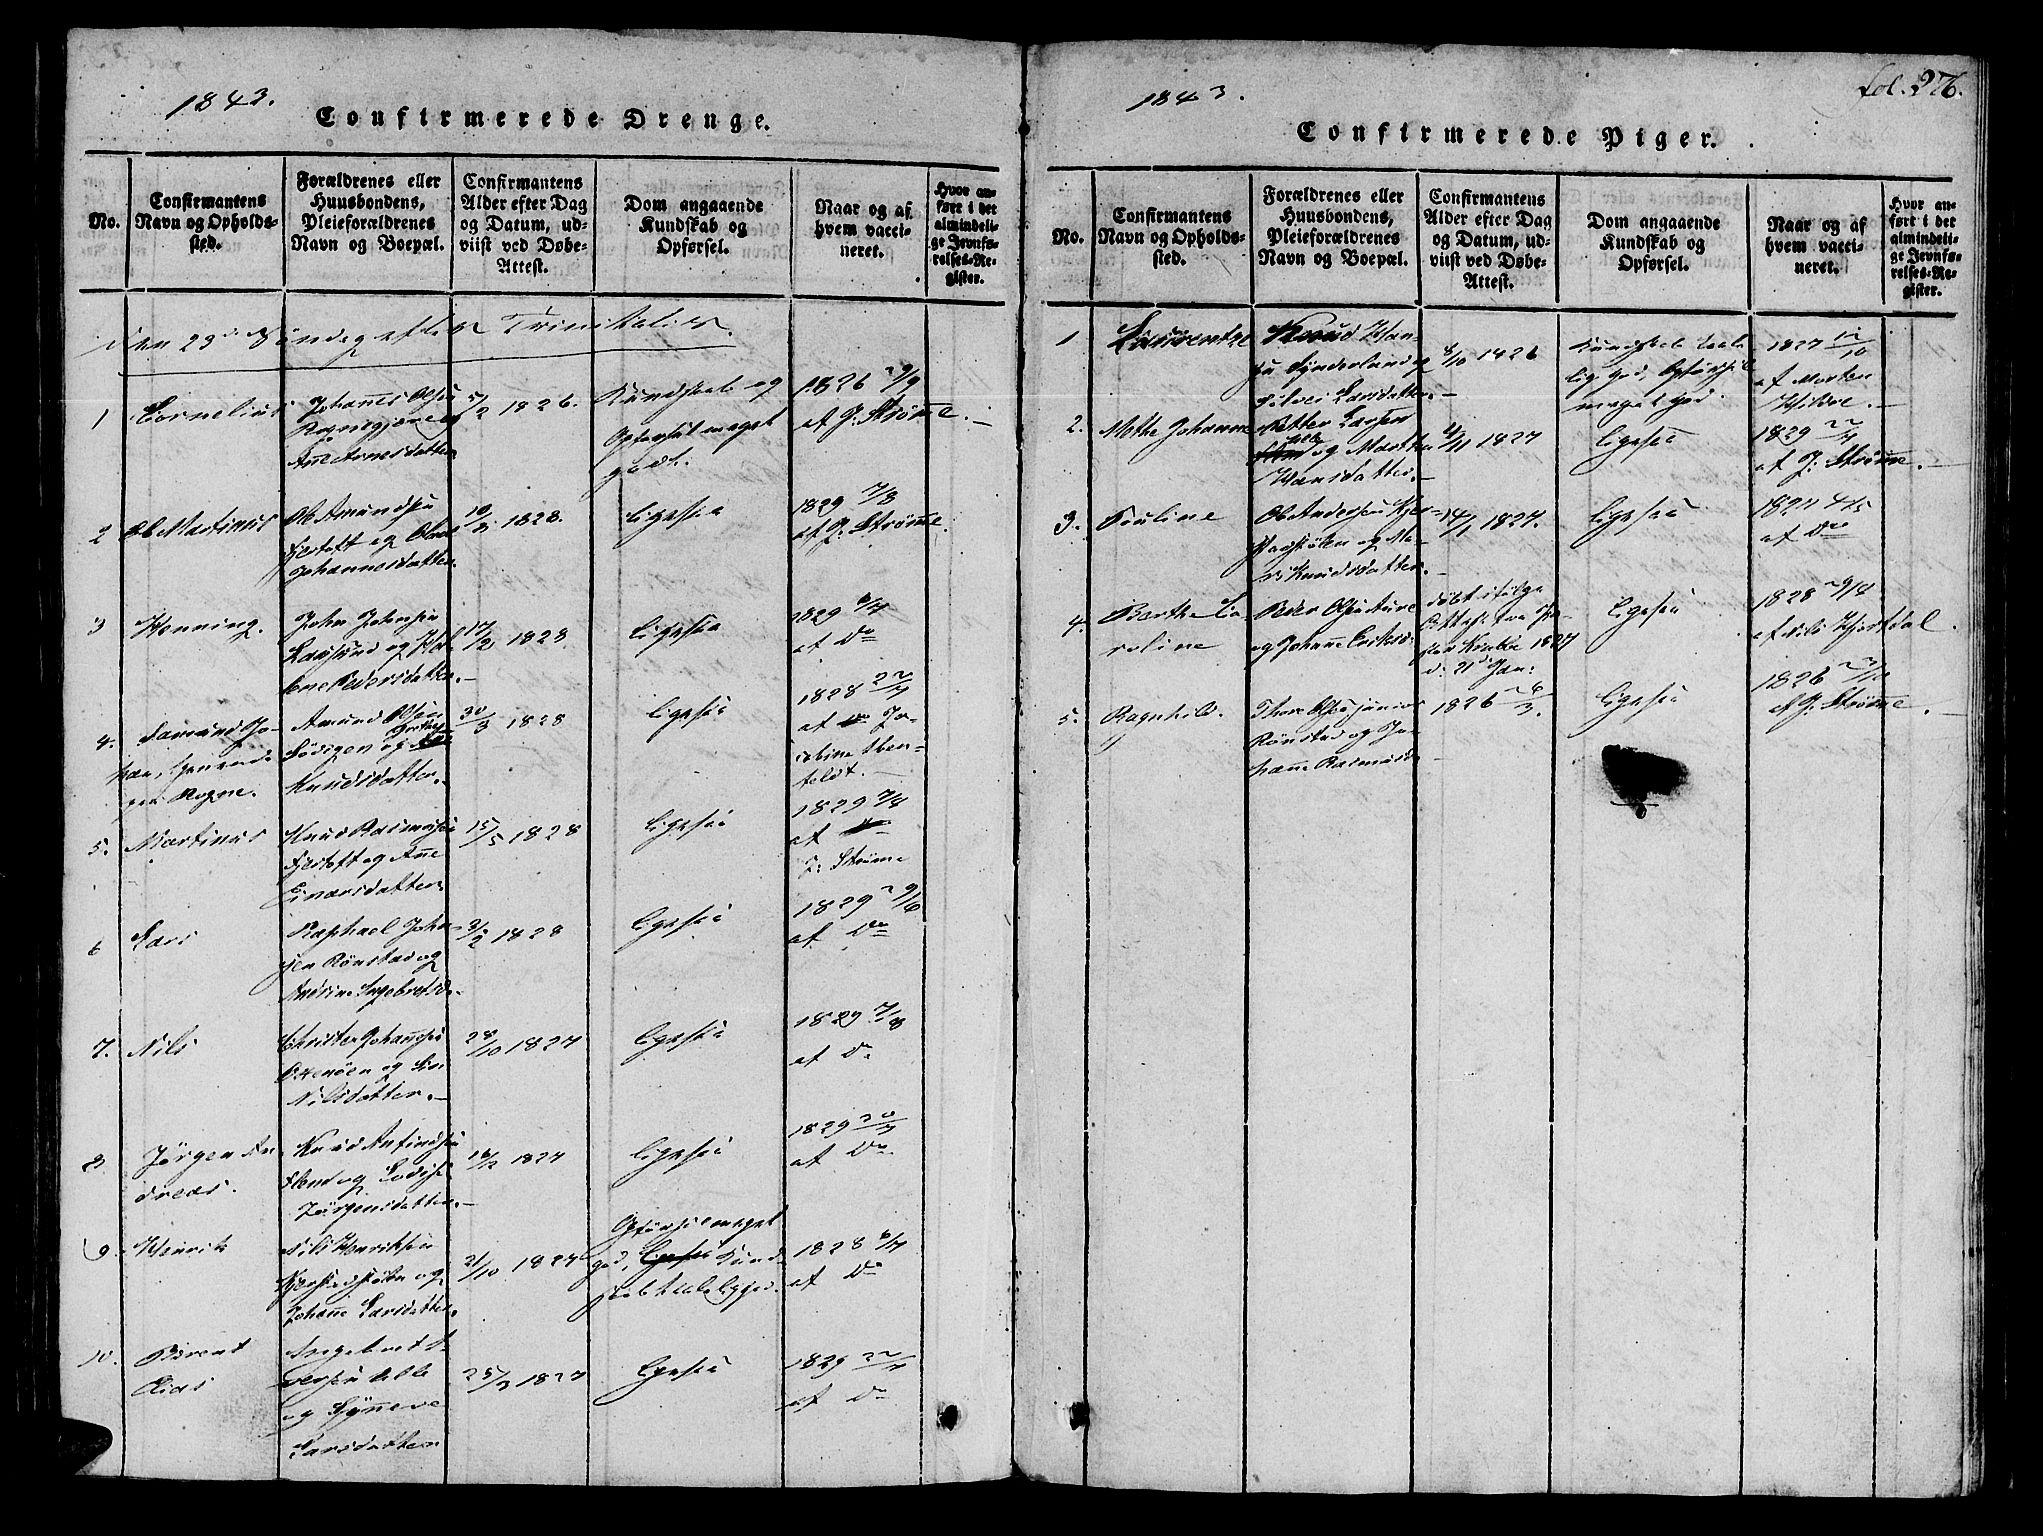 SAT, Ministerialprotokoller, klokkerbøker og fødselsregistre - Møre og Romsdal, 536/L0495: Ministerialbok nr. 536A04, 1818-1847, s. 276